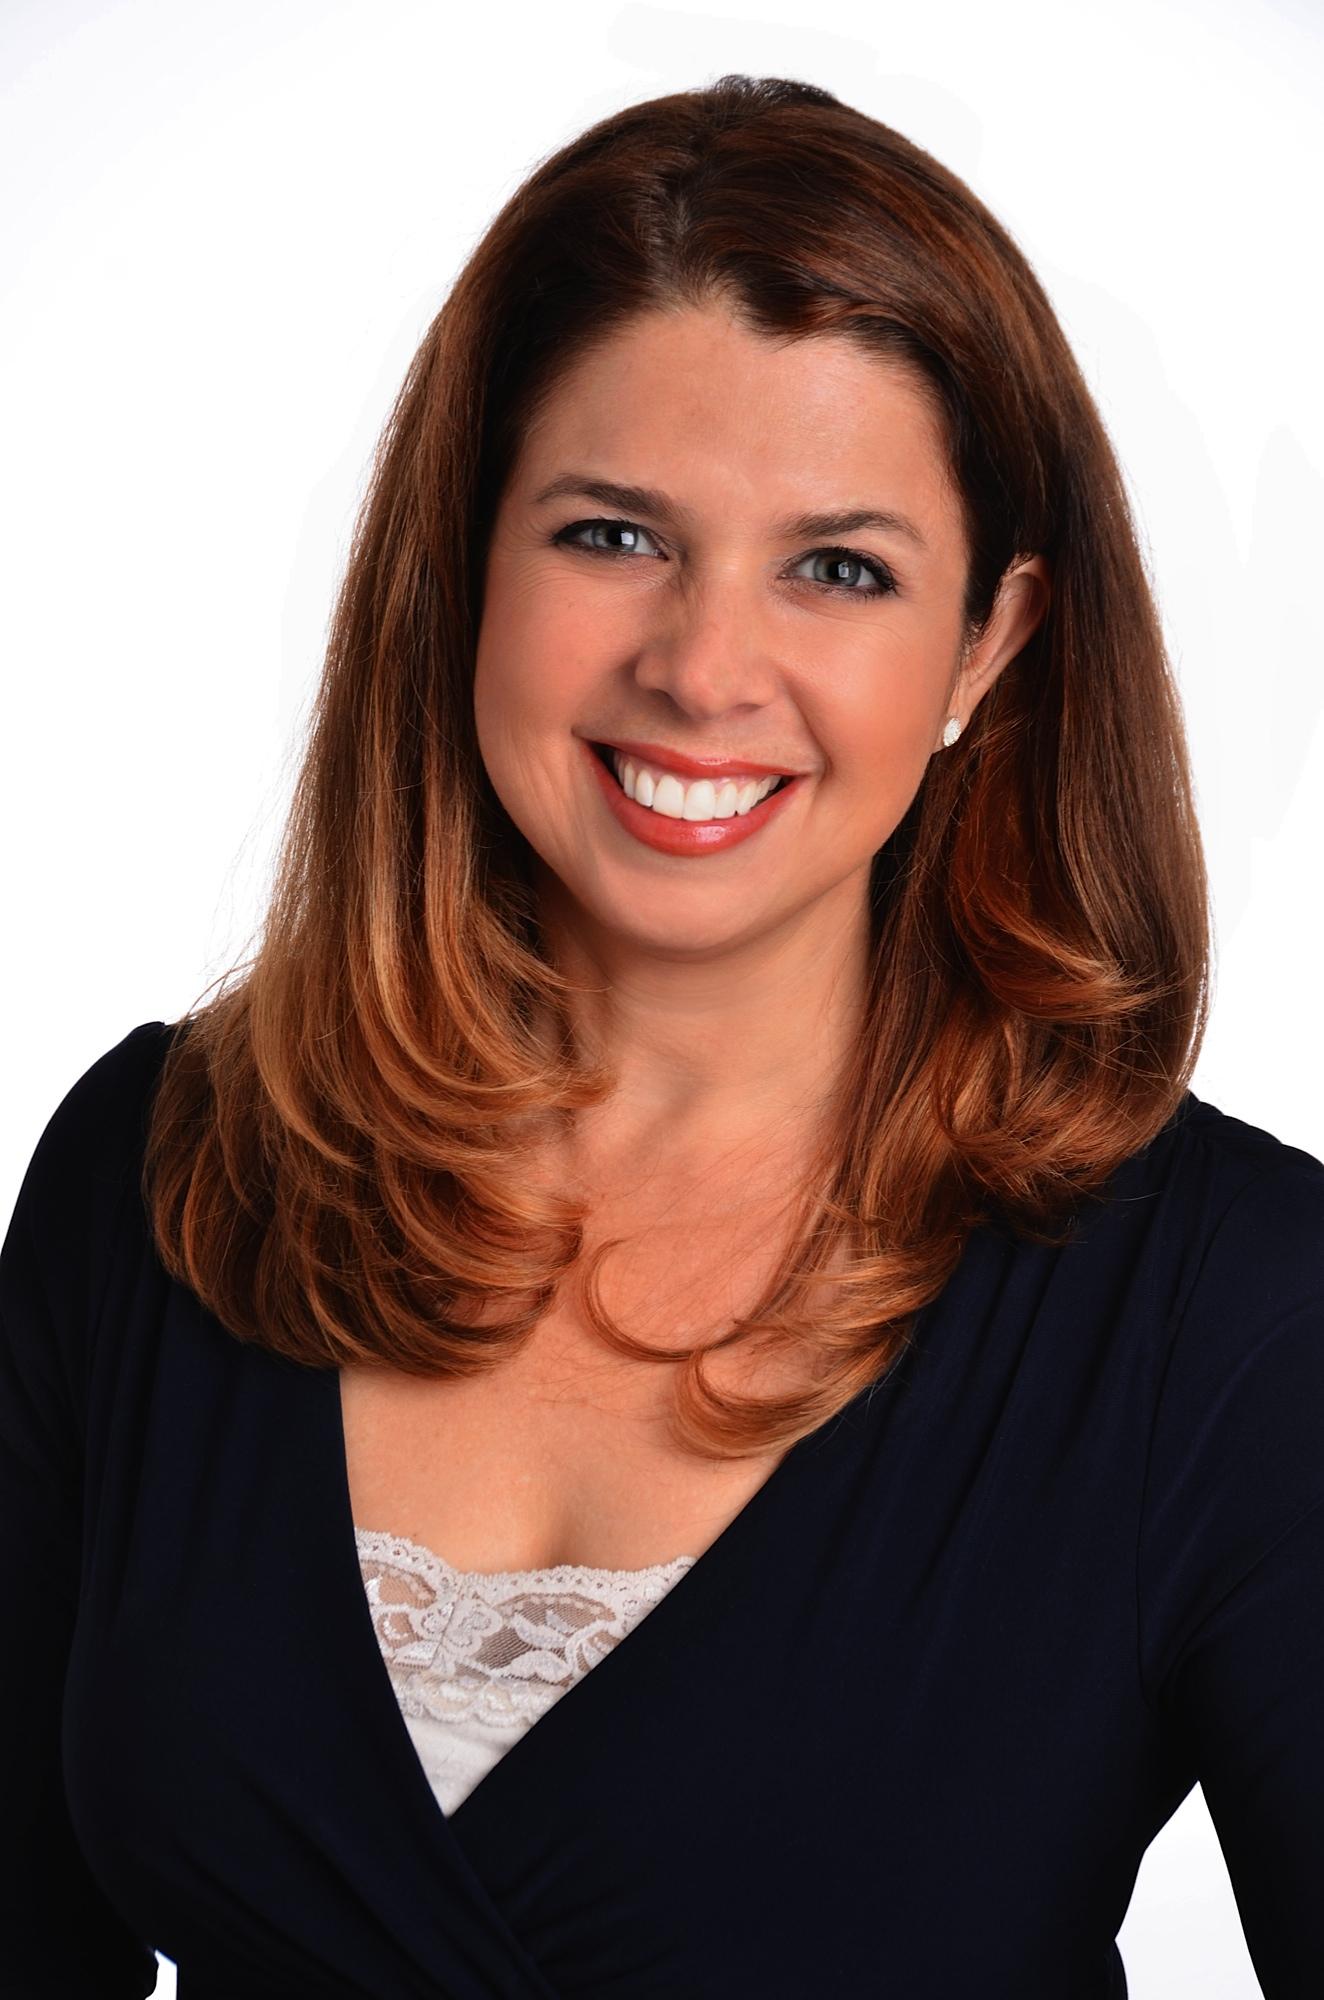 Michelle Jerson